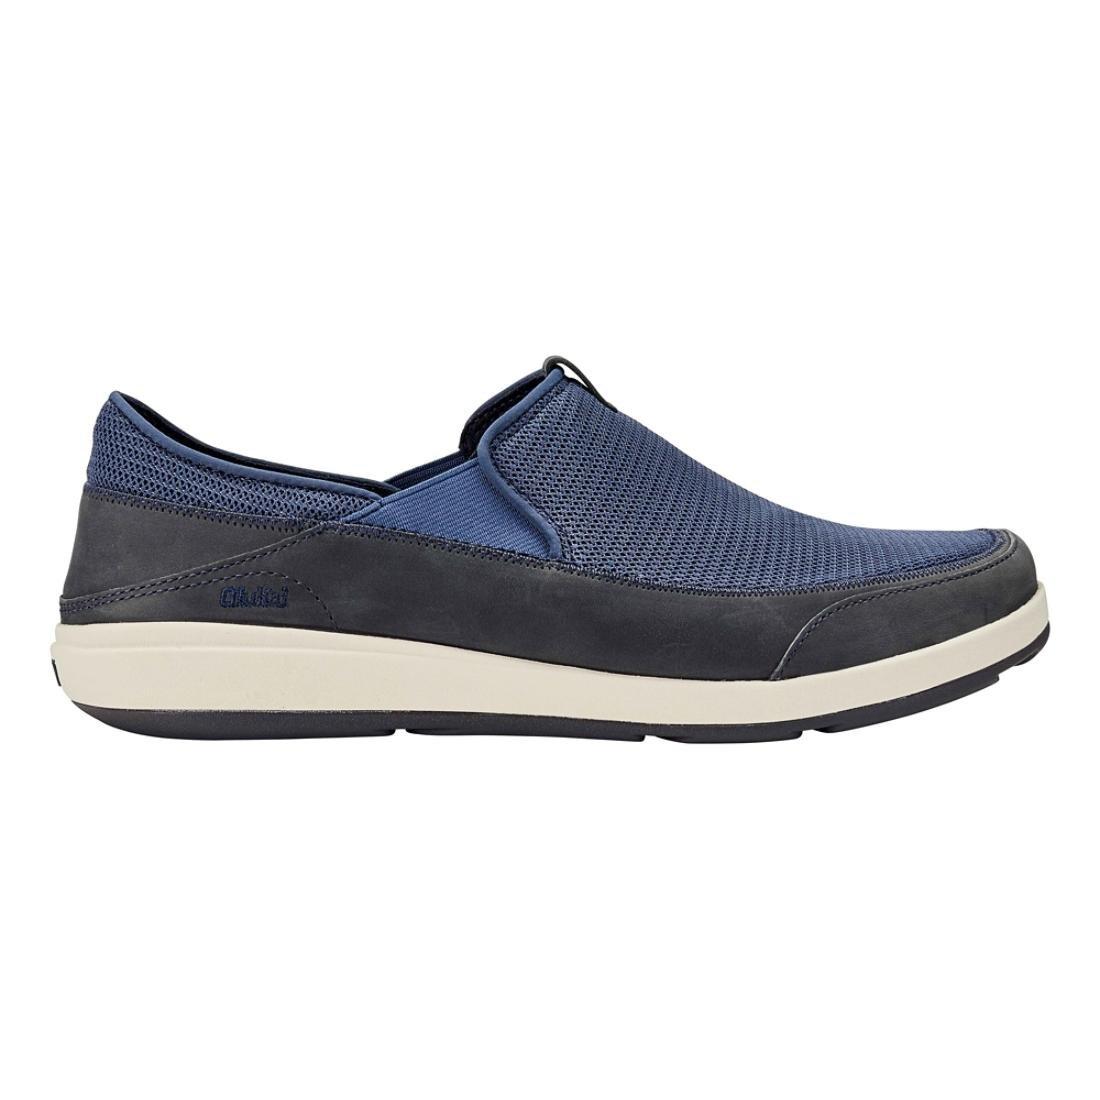 adidas originali degli uomini busenitz, te la moda delle scarpe da ginnastica 13 s (m) uscore